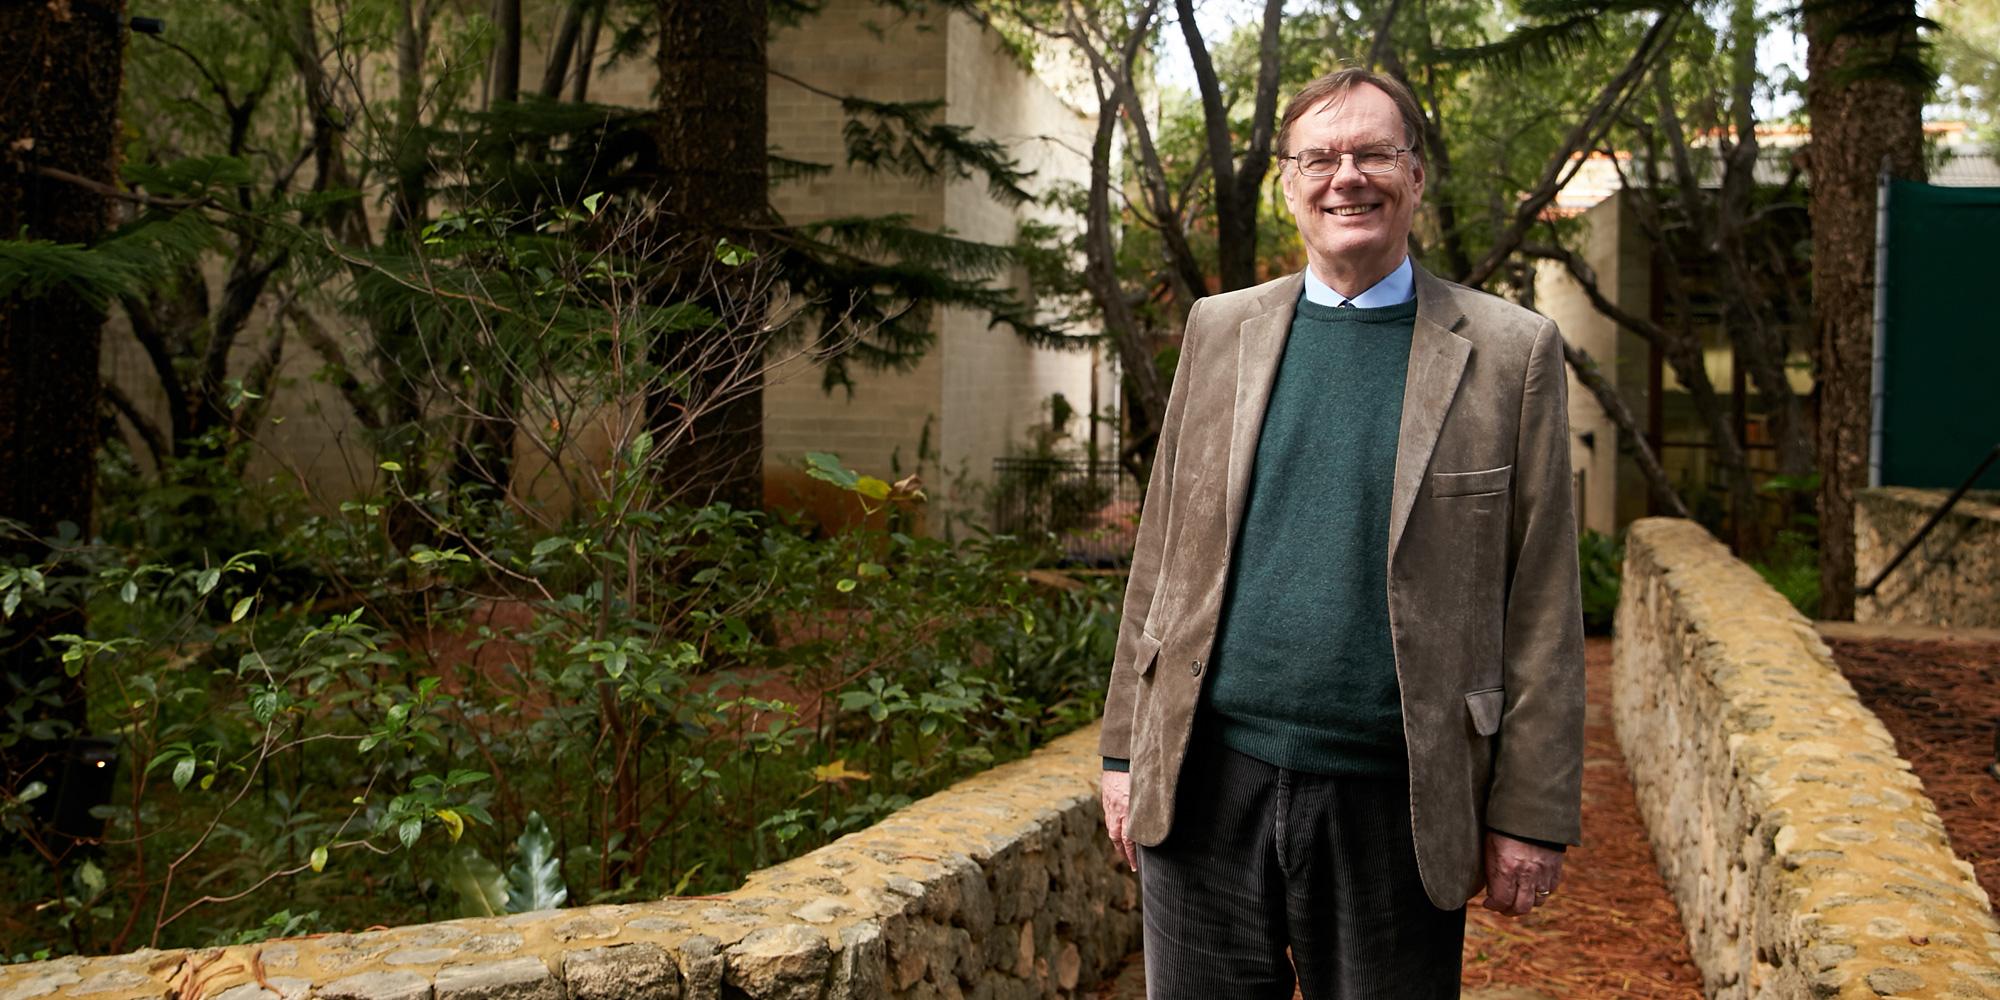 Dr Nicholas Bannan